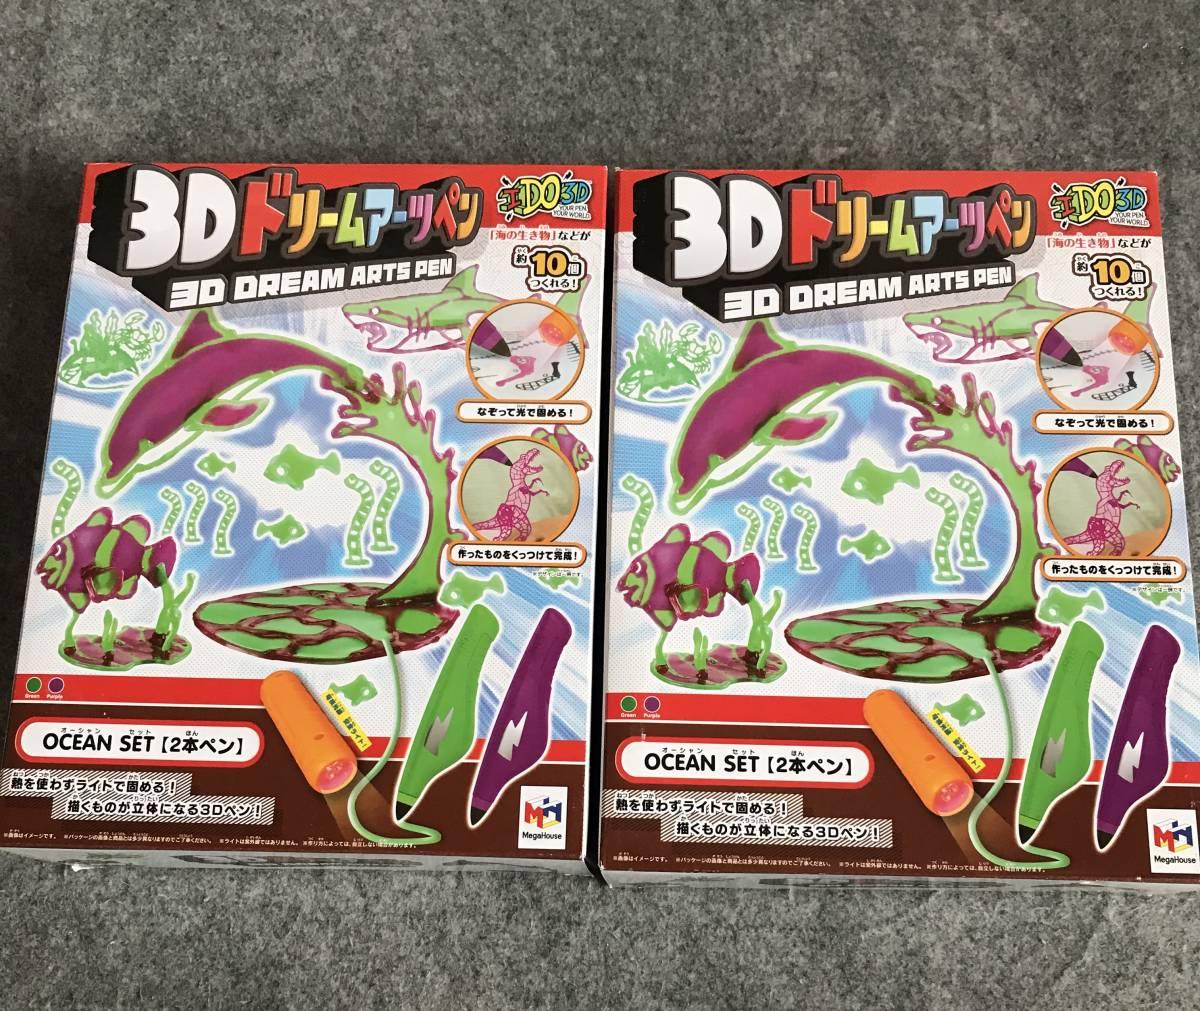 ★2個セット★3Dドリームアーツペン オーシャンセット(2本ペン) 新品